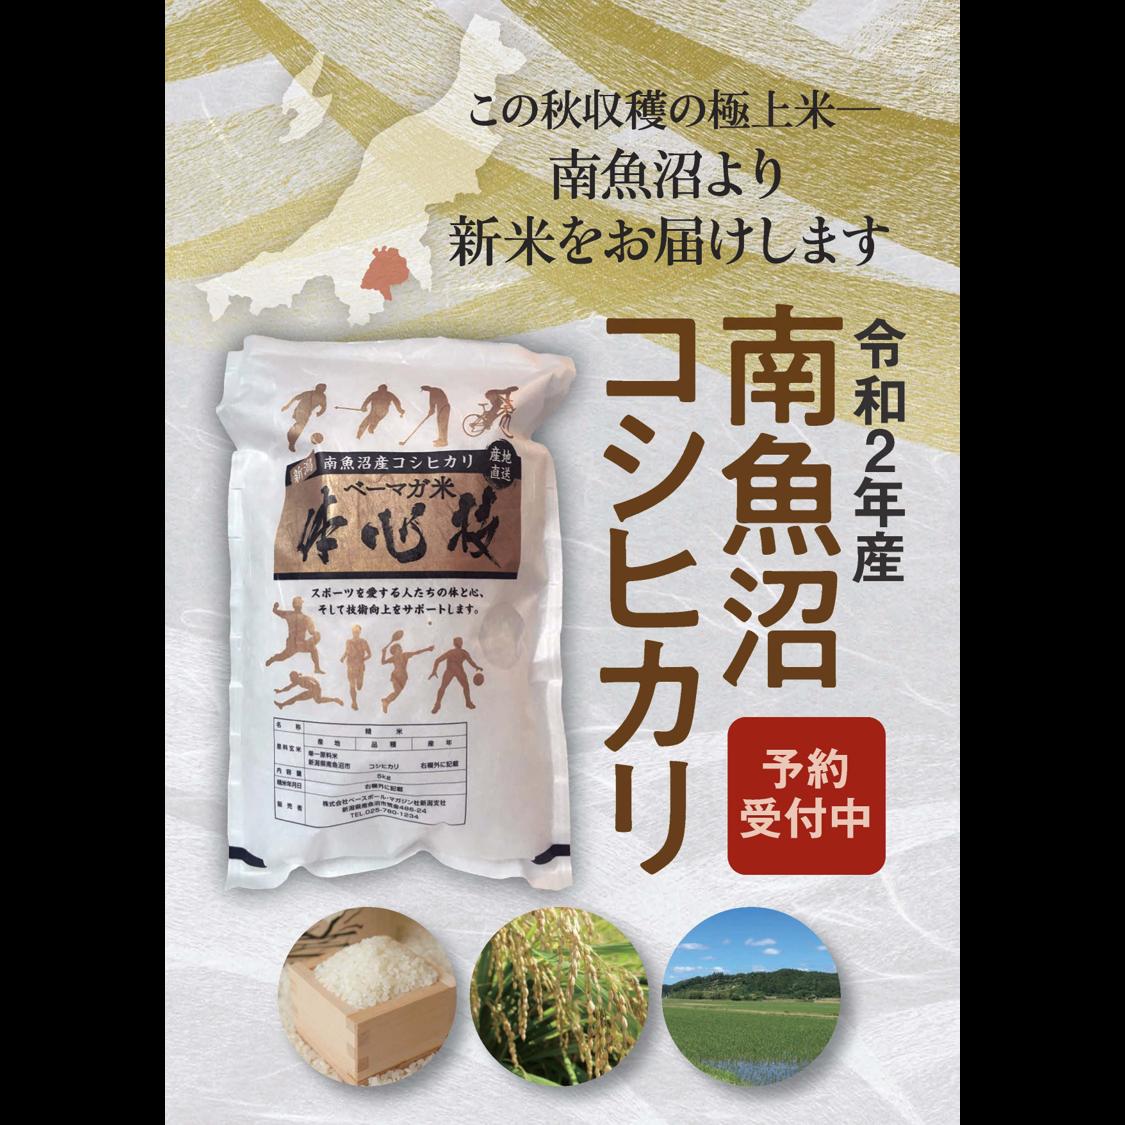 品番C ベーマガ米「体」「心」「技」南魚沼産コシヒカリ 5kg